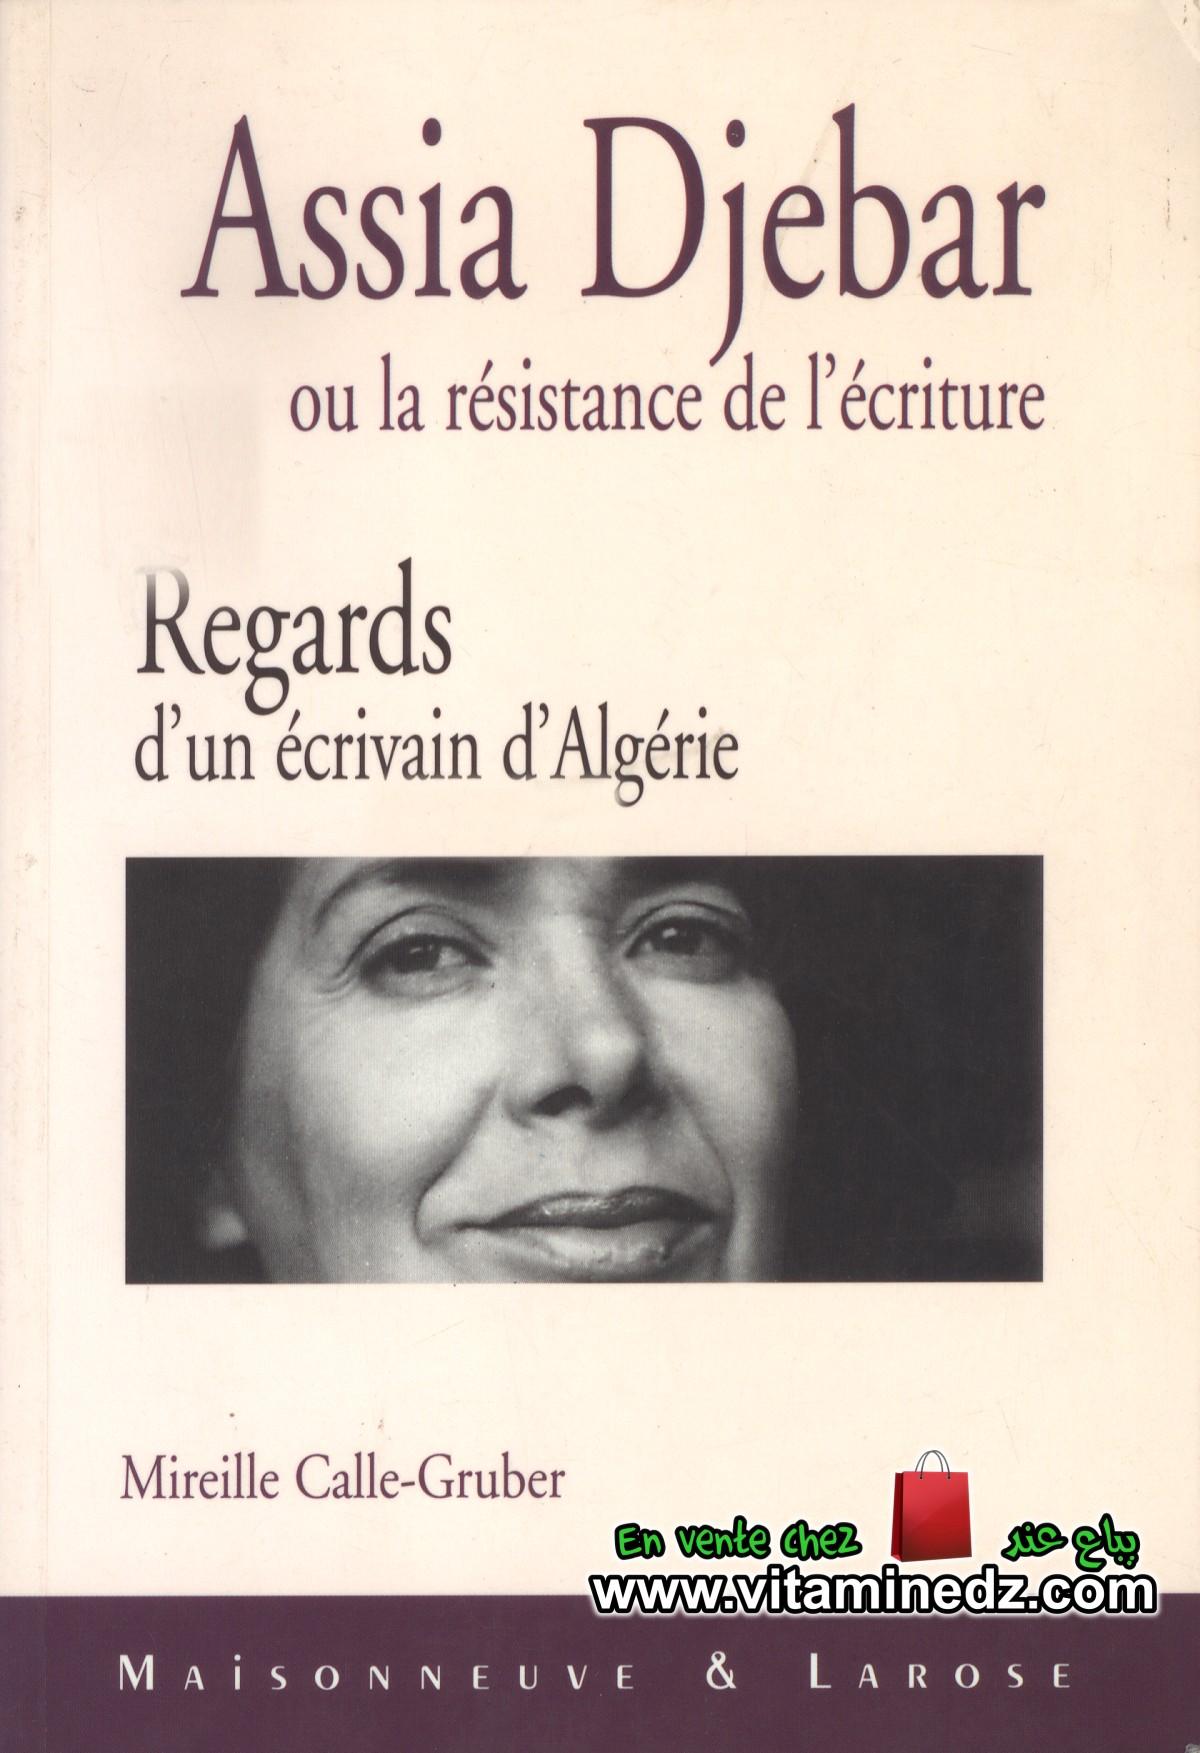 Mireille Calle Gruber - Assia Djebbar ou la résistance de l'écriture. Regards d'un écrivain algérien